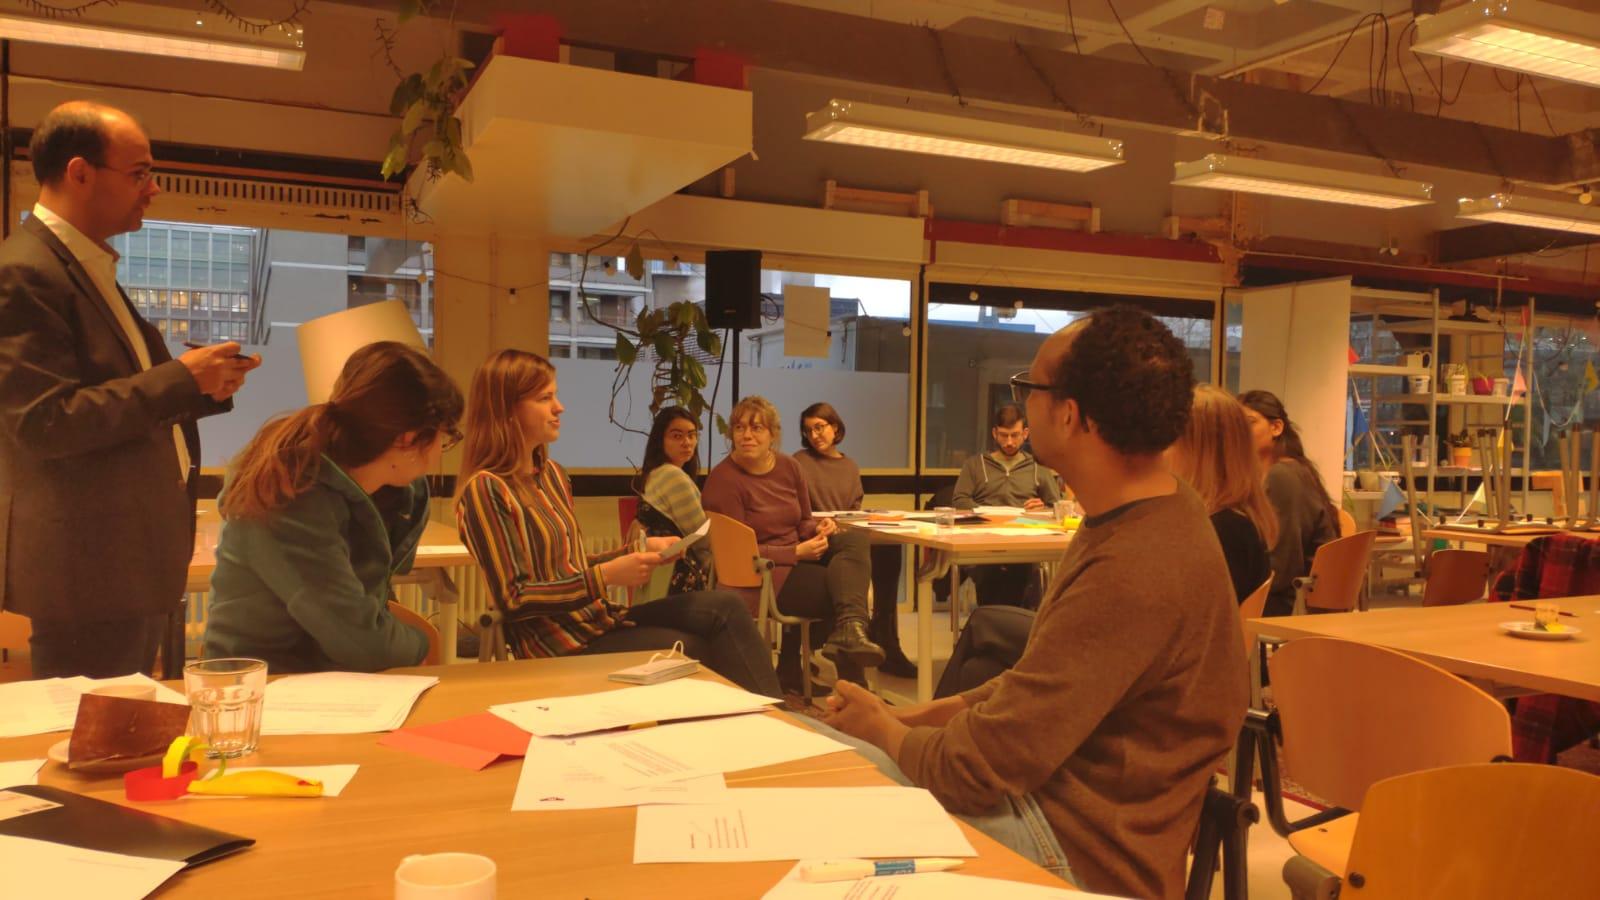 Conflict management by Daniël Schut from bHertz